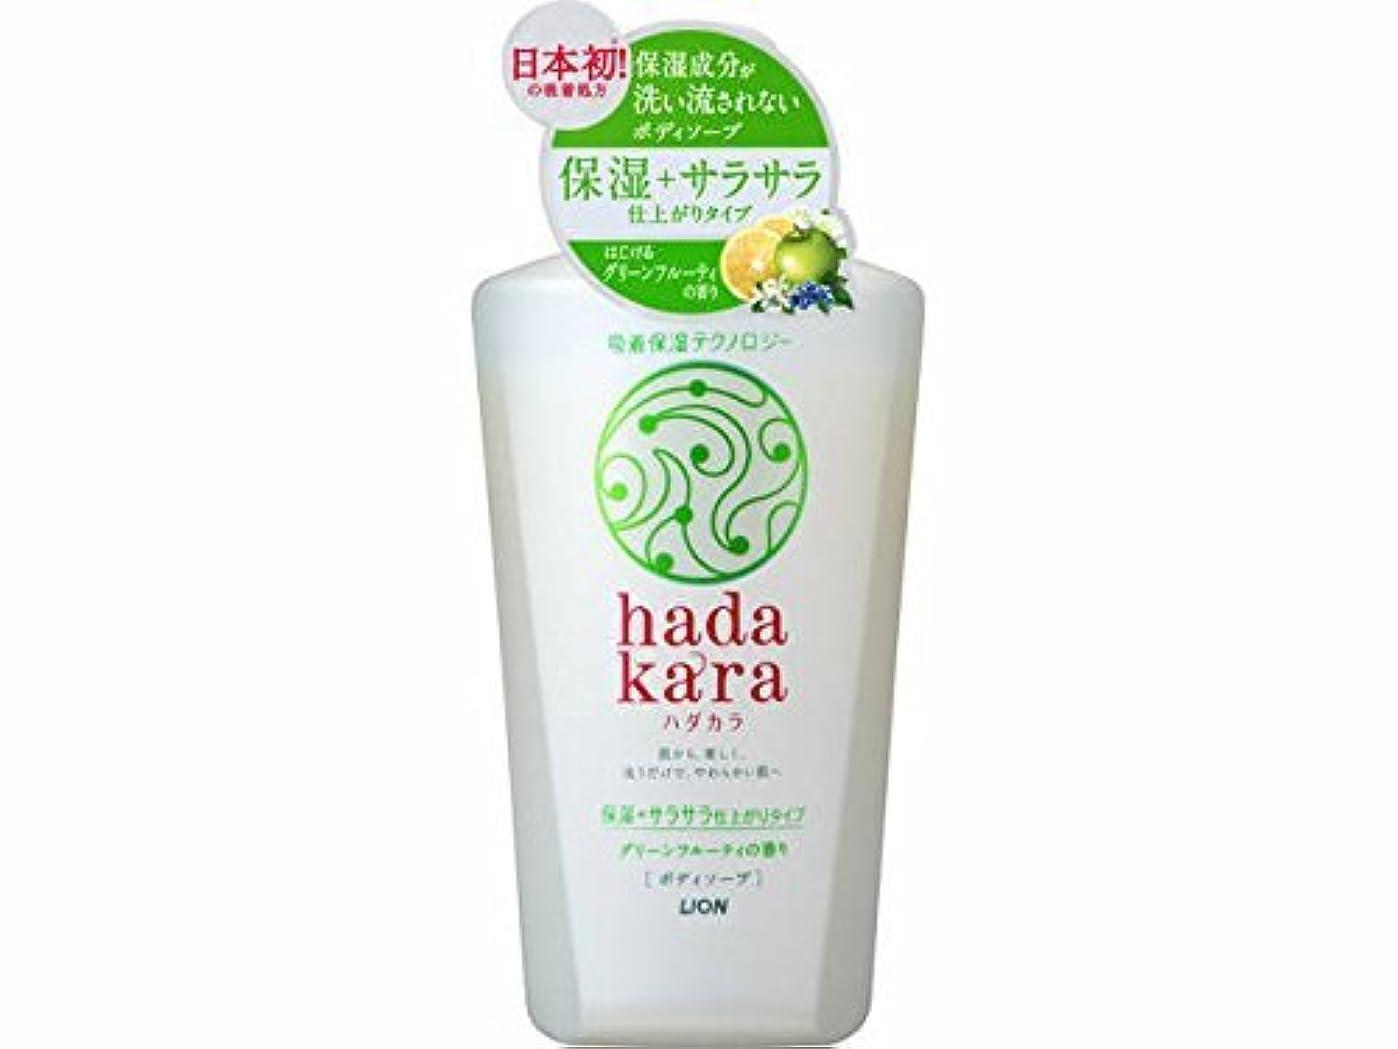 行進寝室を掃除する寝室ライオン hadakara(ハダカラ)ボディソープ 保湿+サラサラ仕上がりタイプ グリーンフルーティの香り 本体